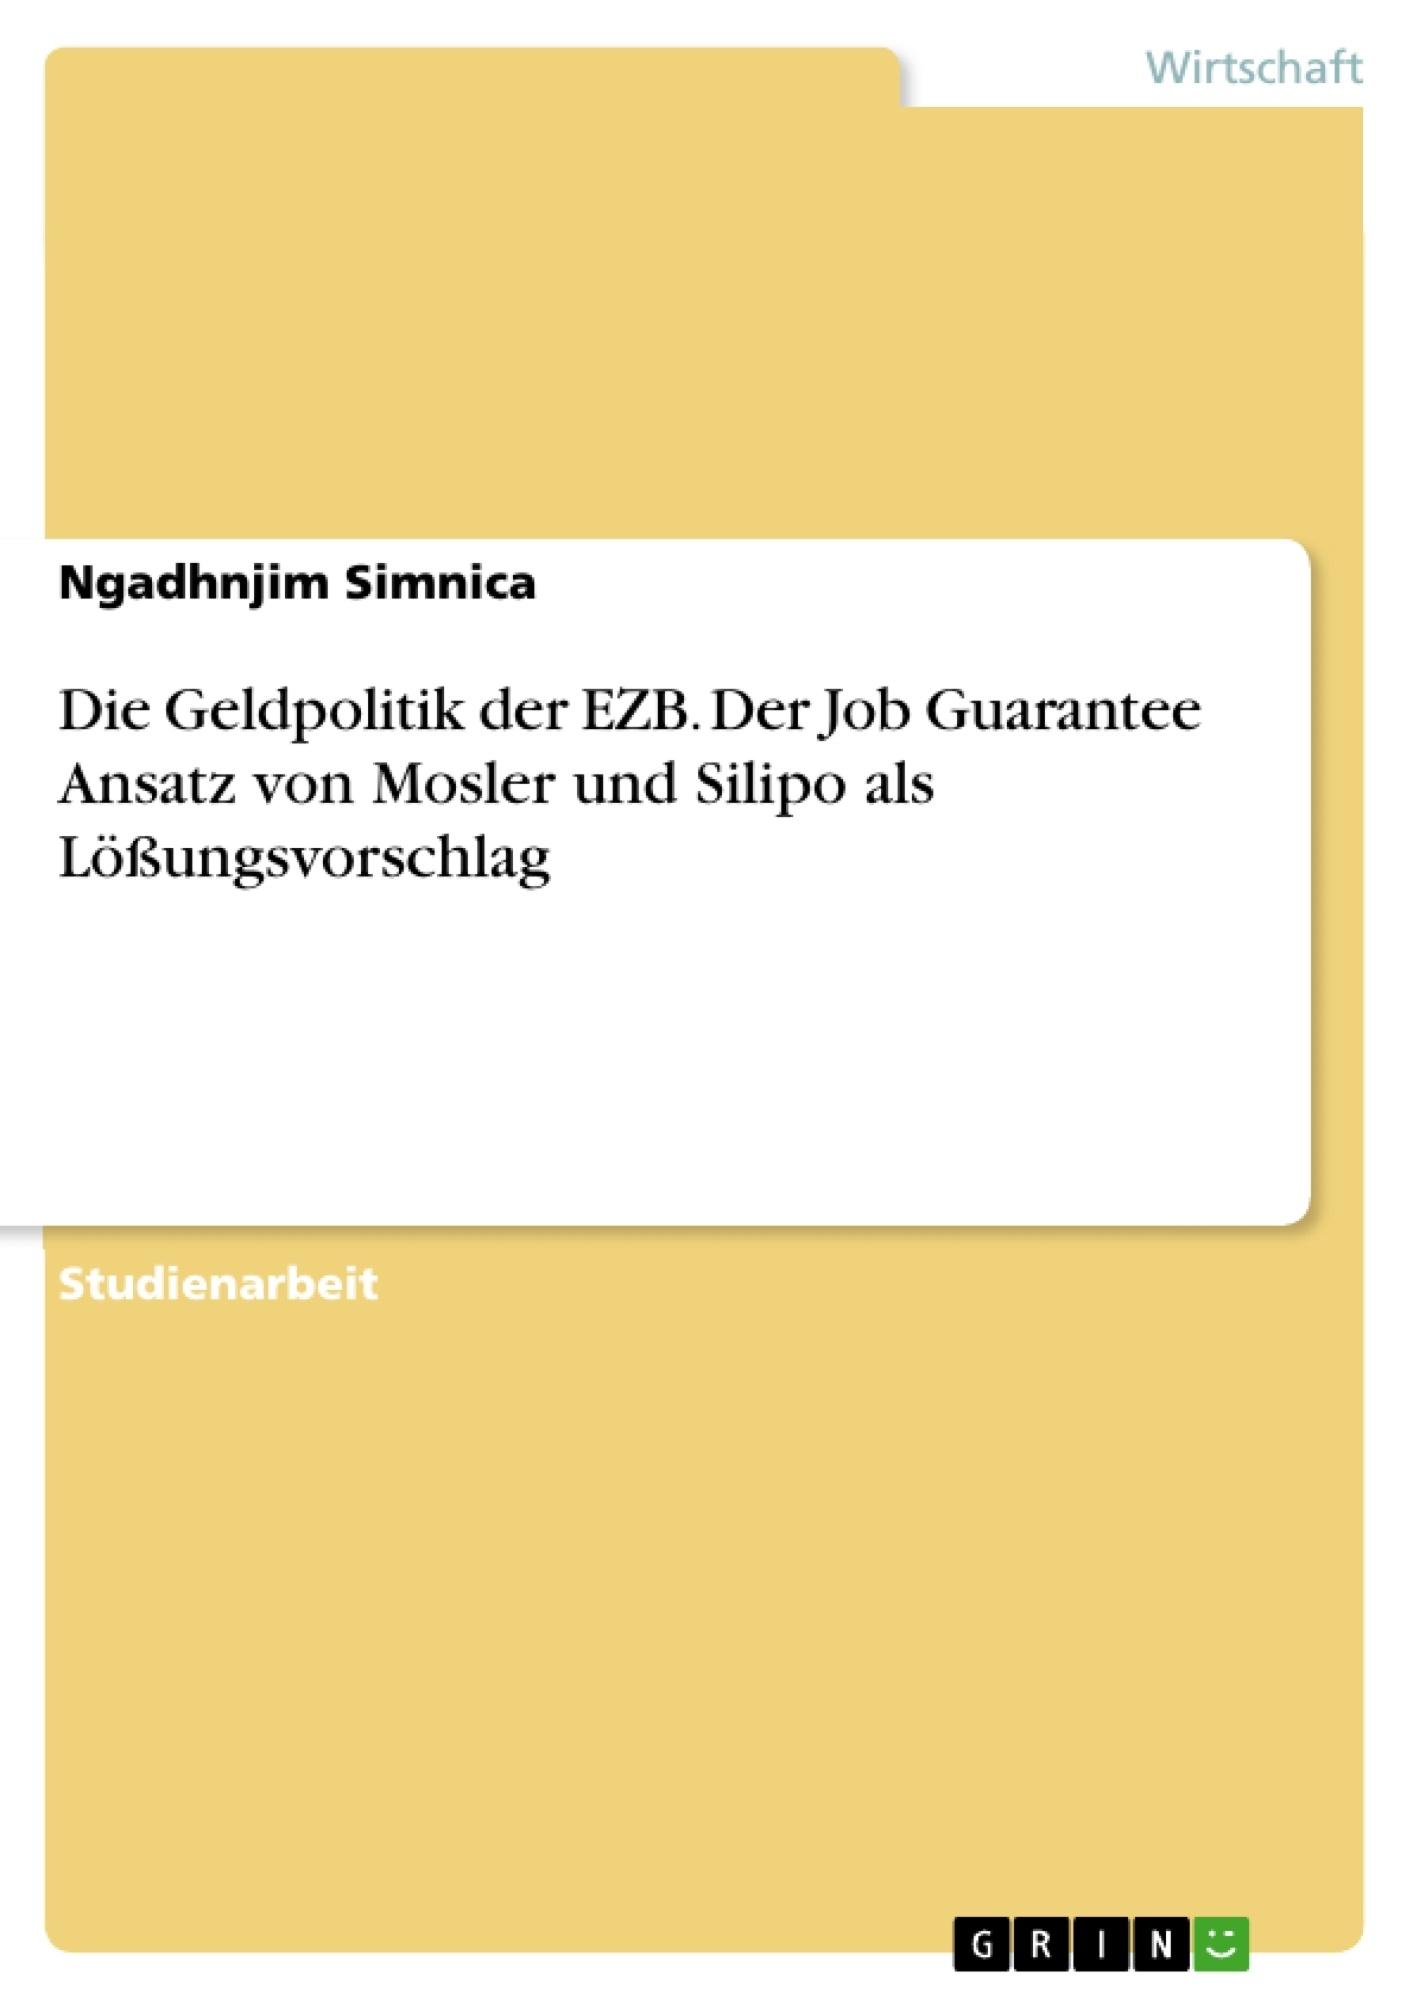 Titel: Die Geldpolitik der EZB. Der Job Guarantee Ansatz von Mosler und Silipo als Lößungsvorschlag